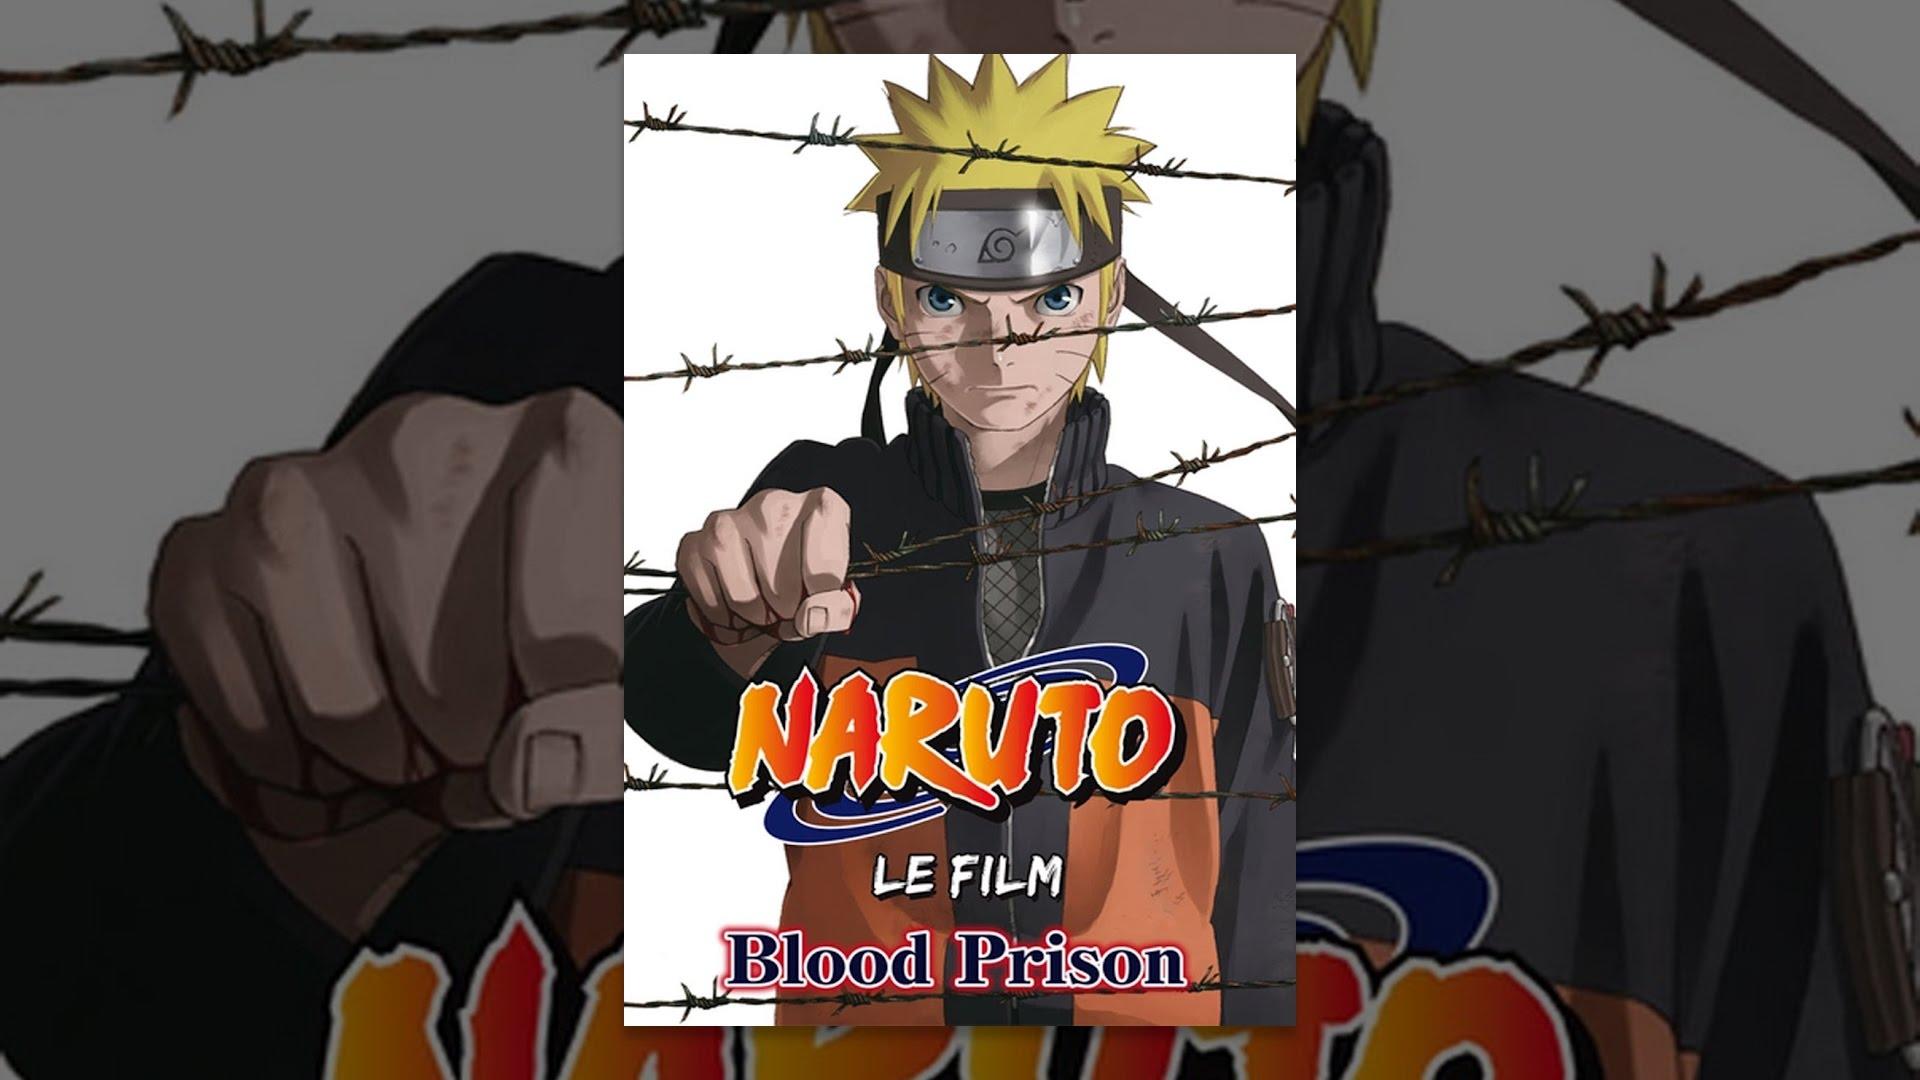 Naruto shippuden 225 vf.